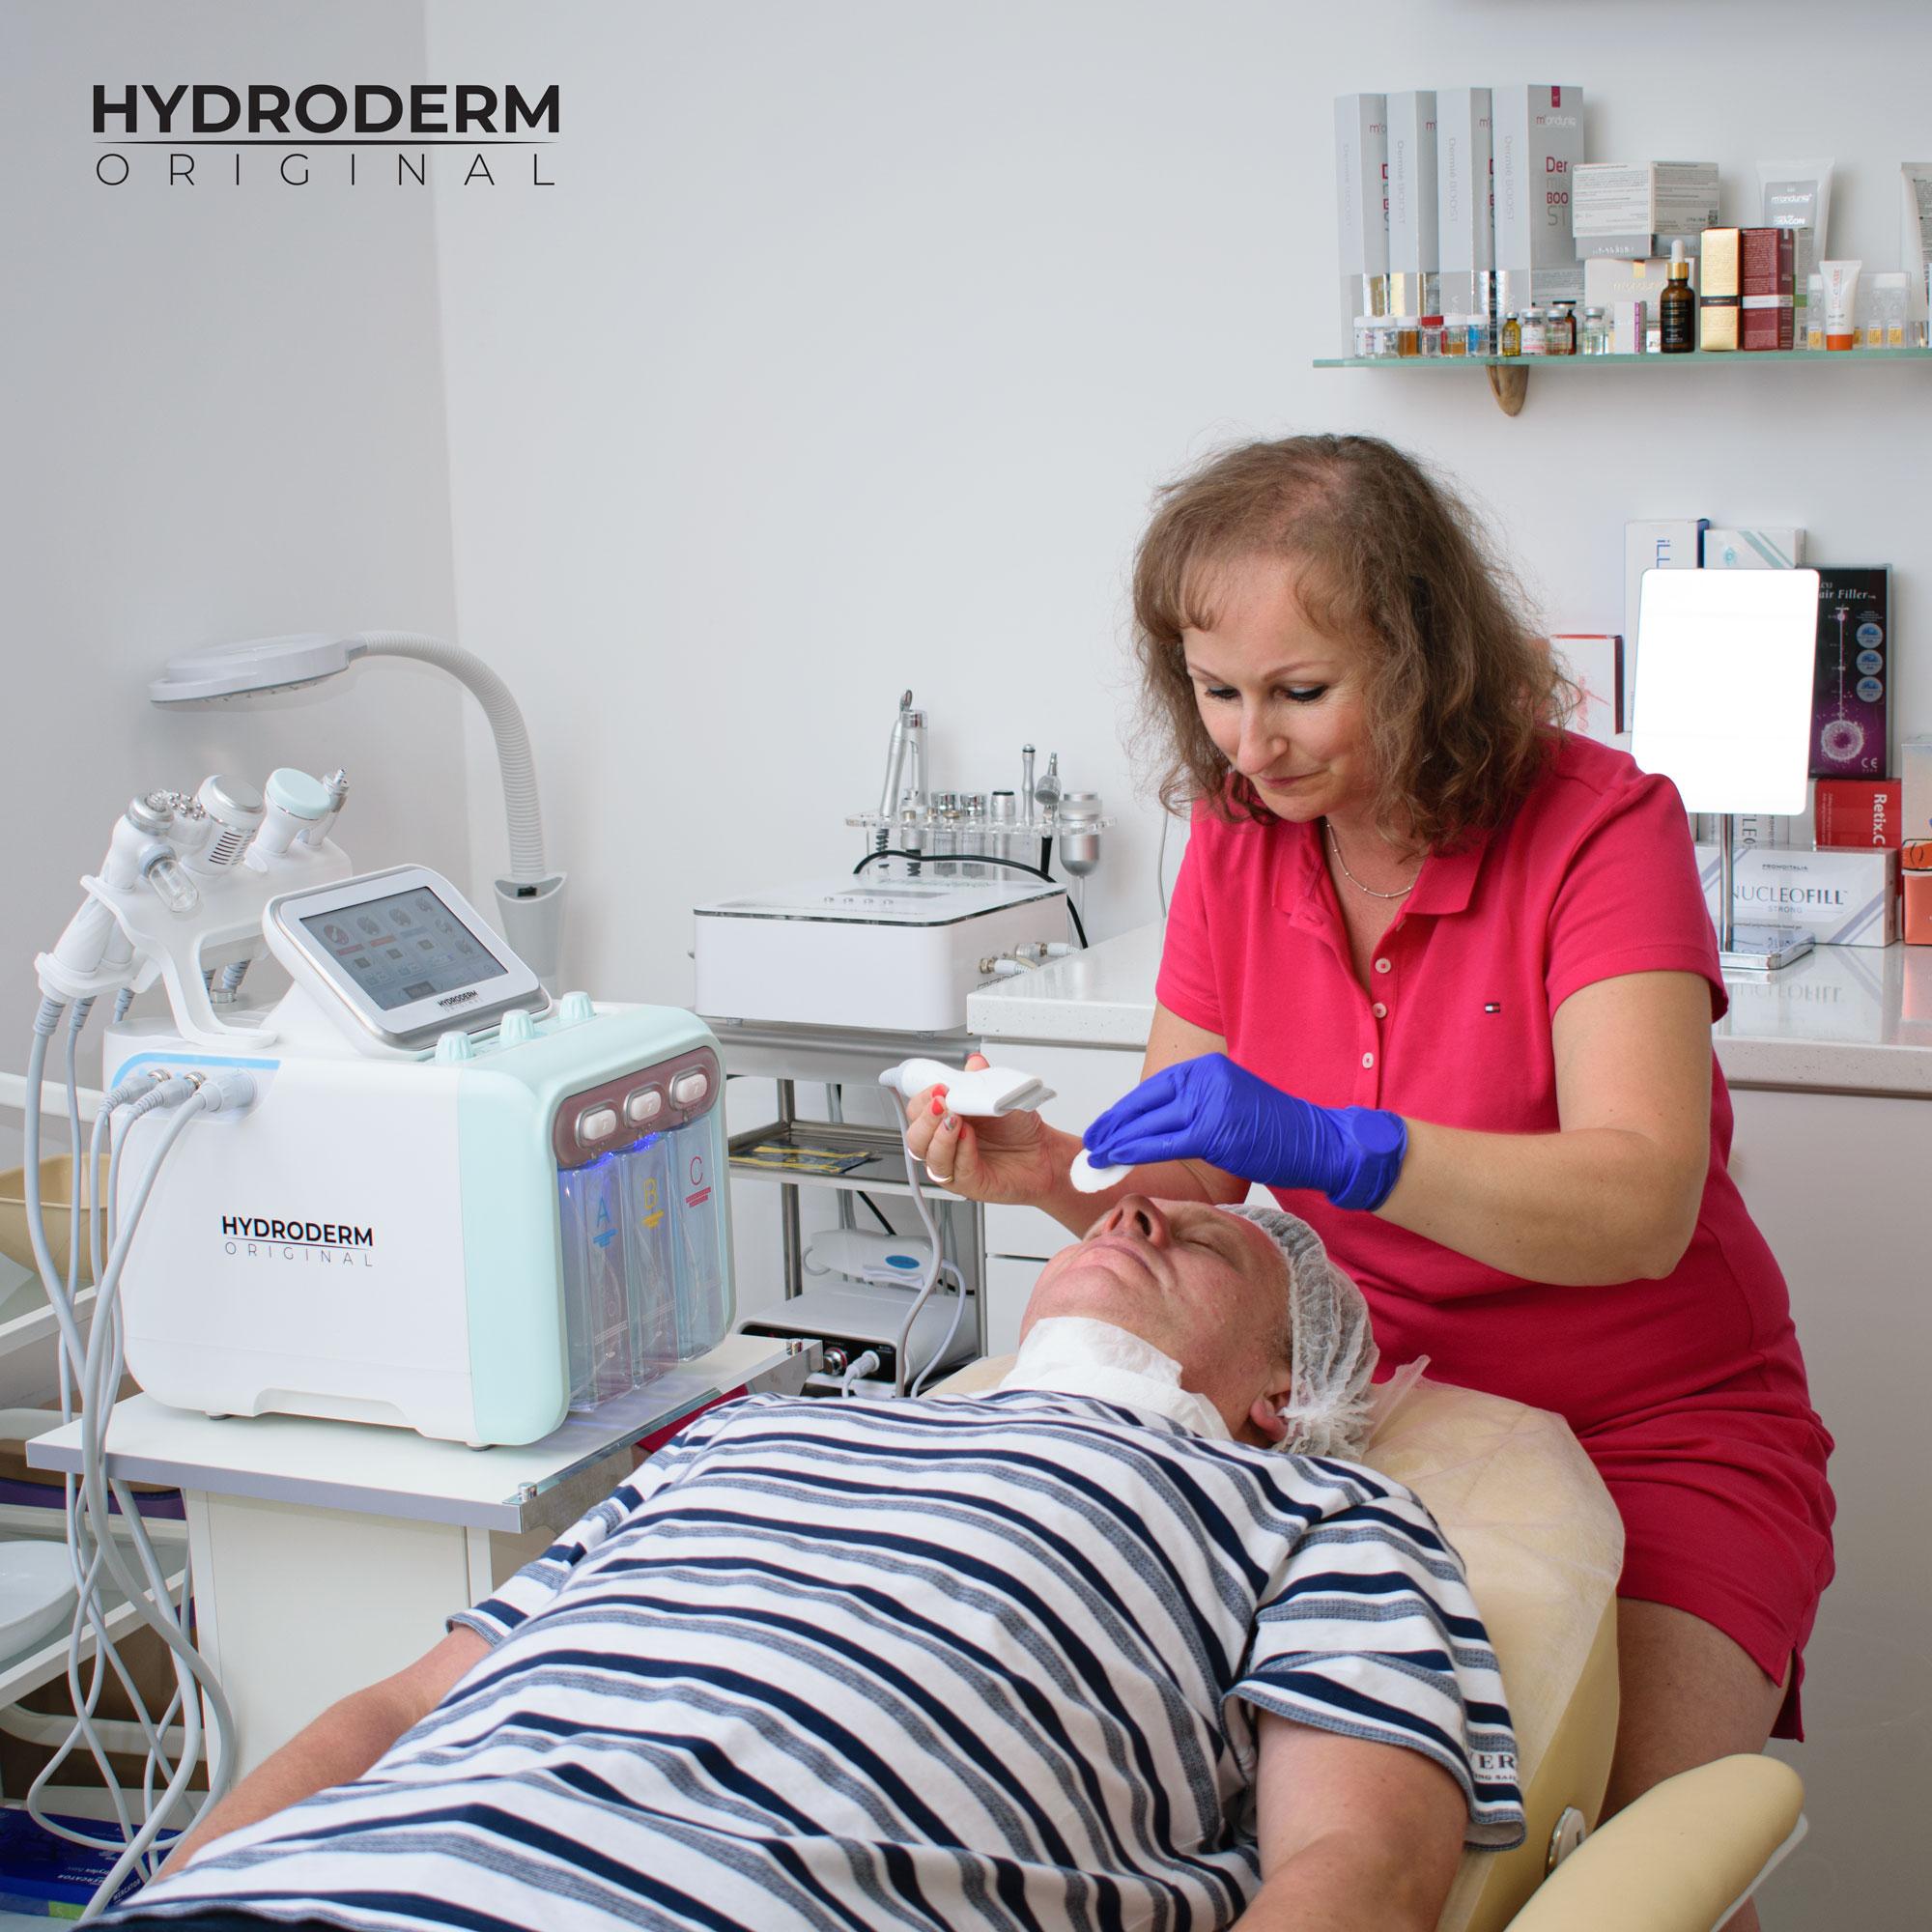 Uczestniczka szkolenia powoli oczyszcza powierzchniowe warstwy skóry na twarzy pacjenta